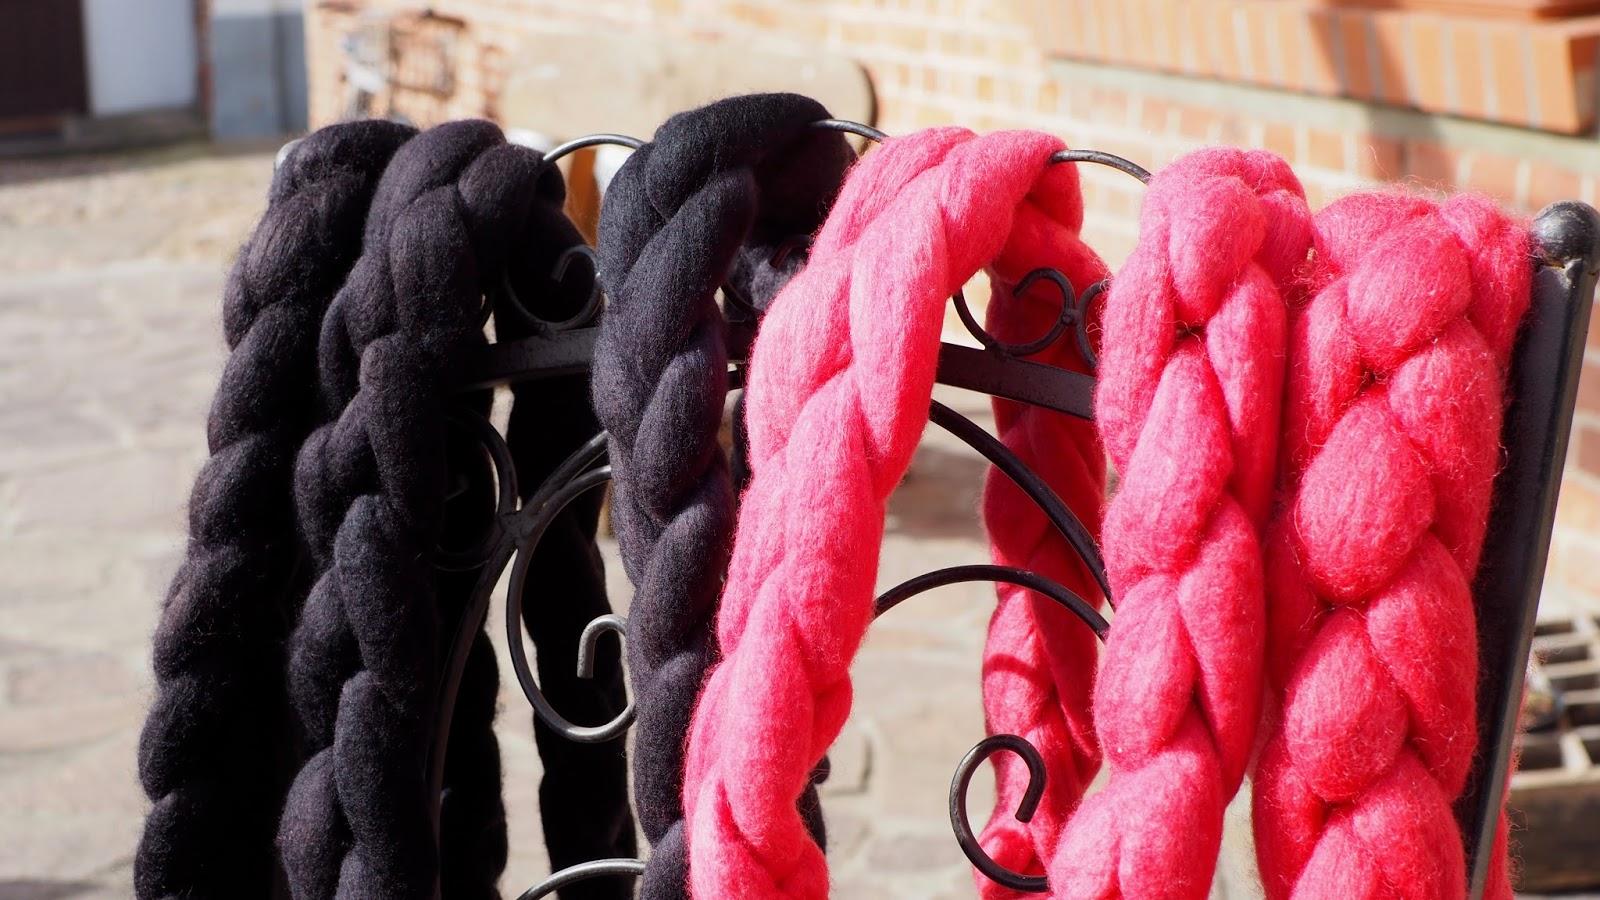 Wolle färben mit simplicol – fertige Kammzüge pink und schwarz